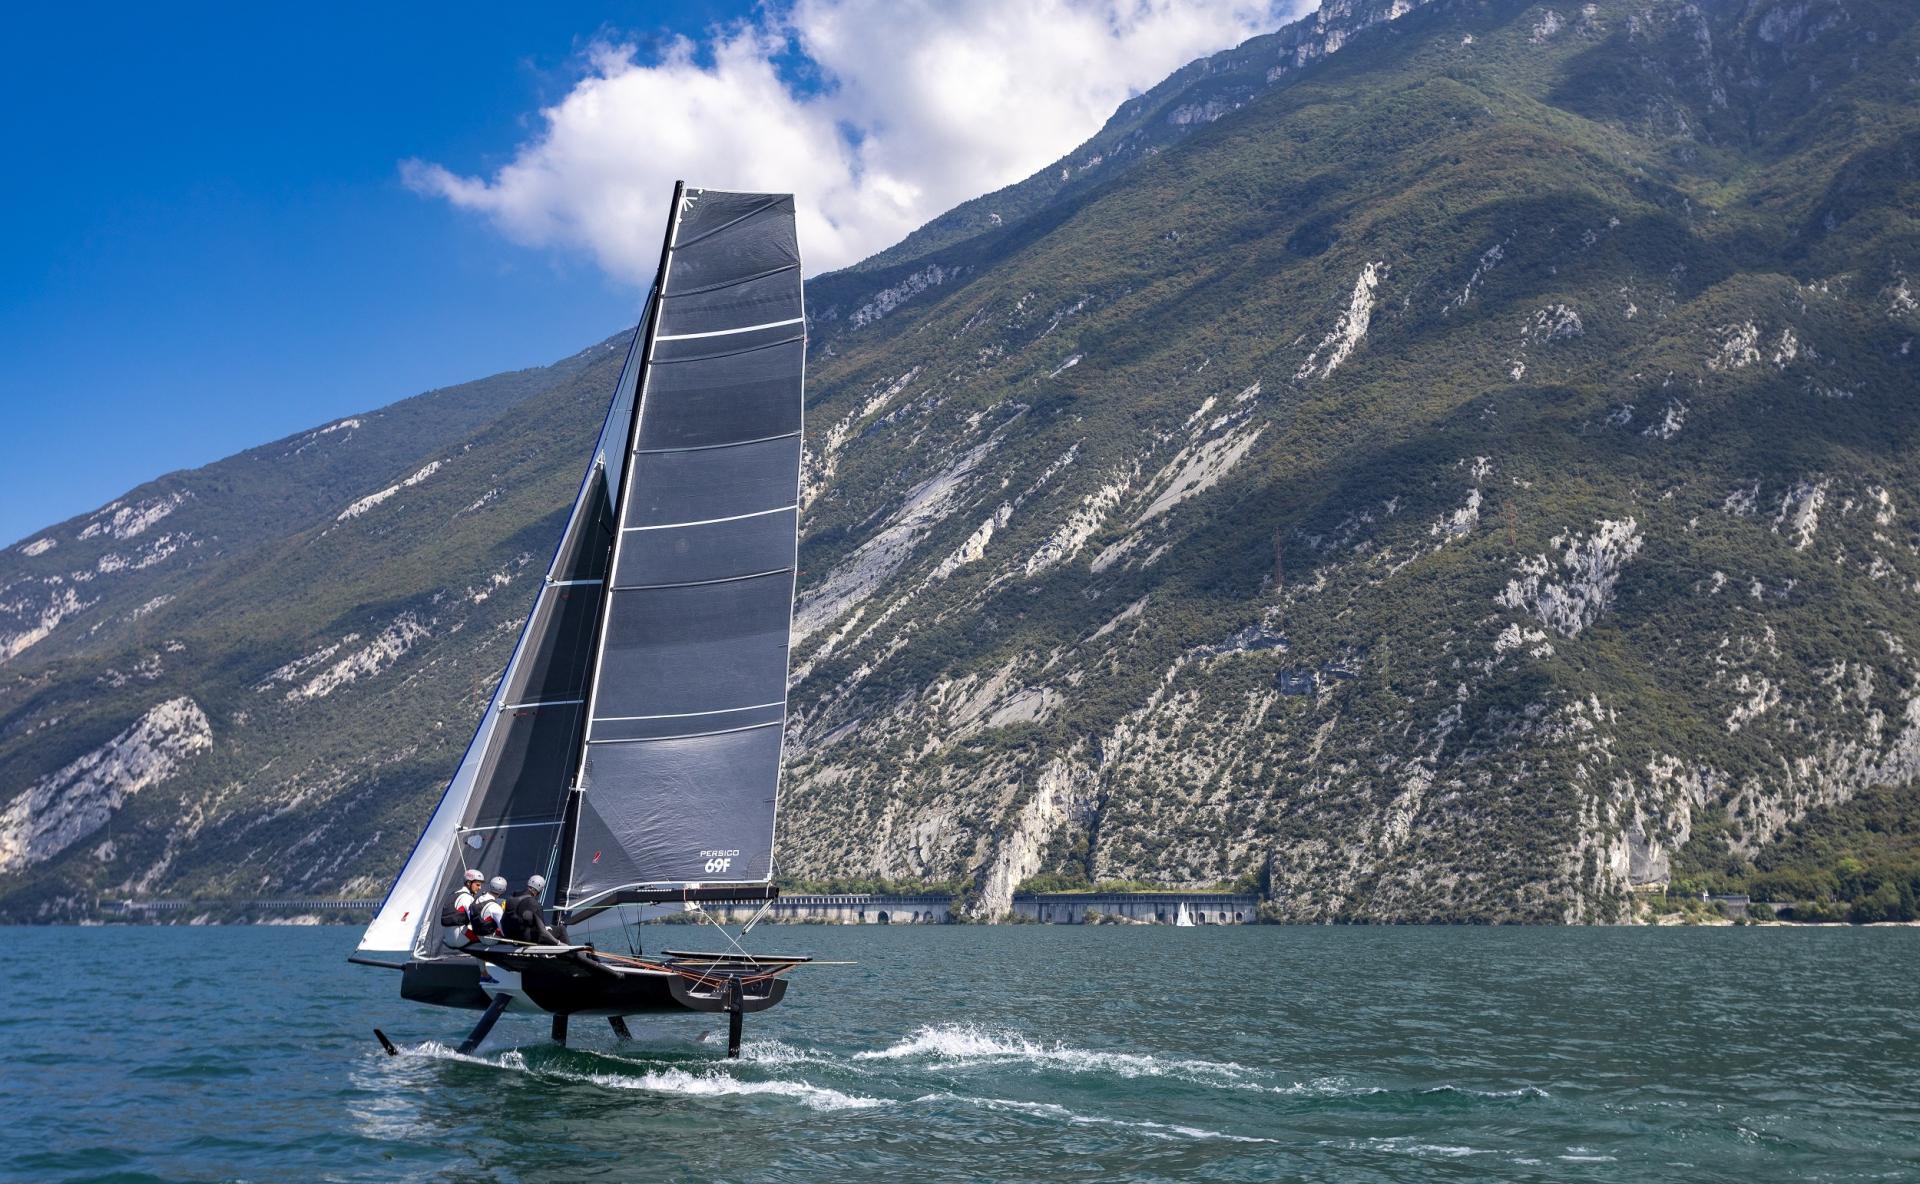 Young Azzurra subito al comando del Persico 69F Grand Prix 2.2 - NEWS - Yacht Club Costa Smeralda